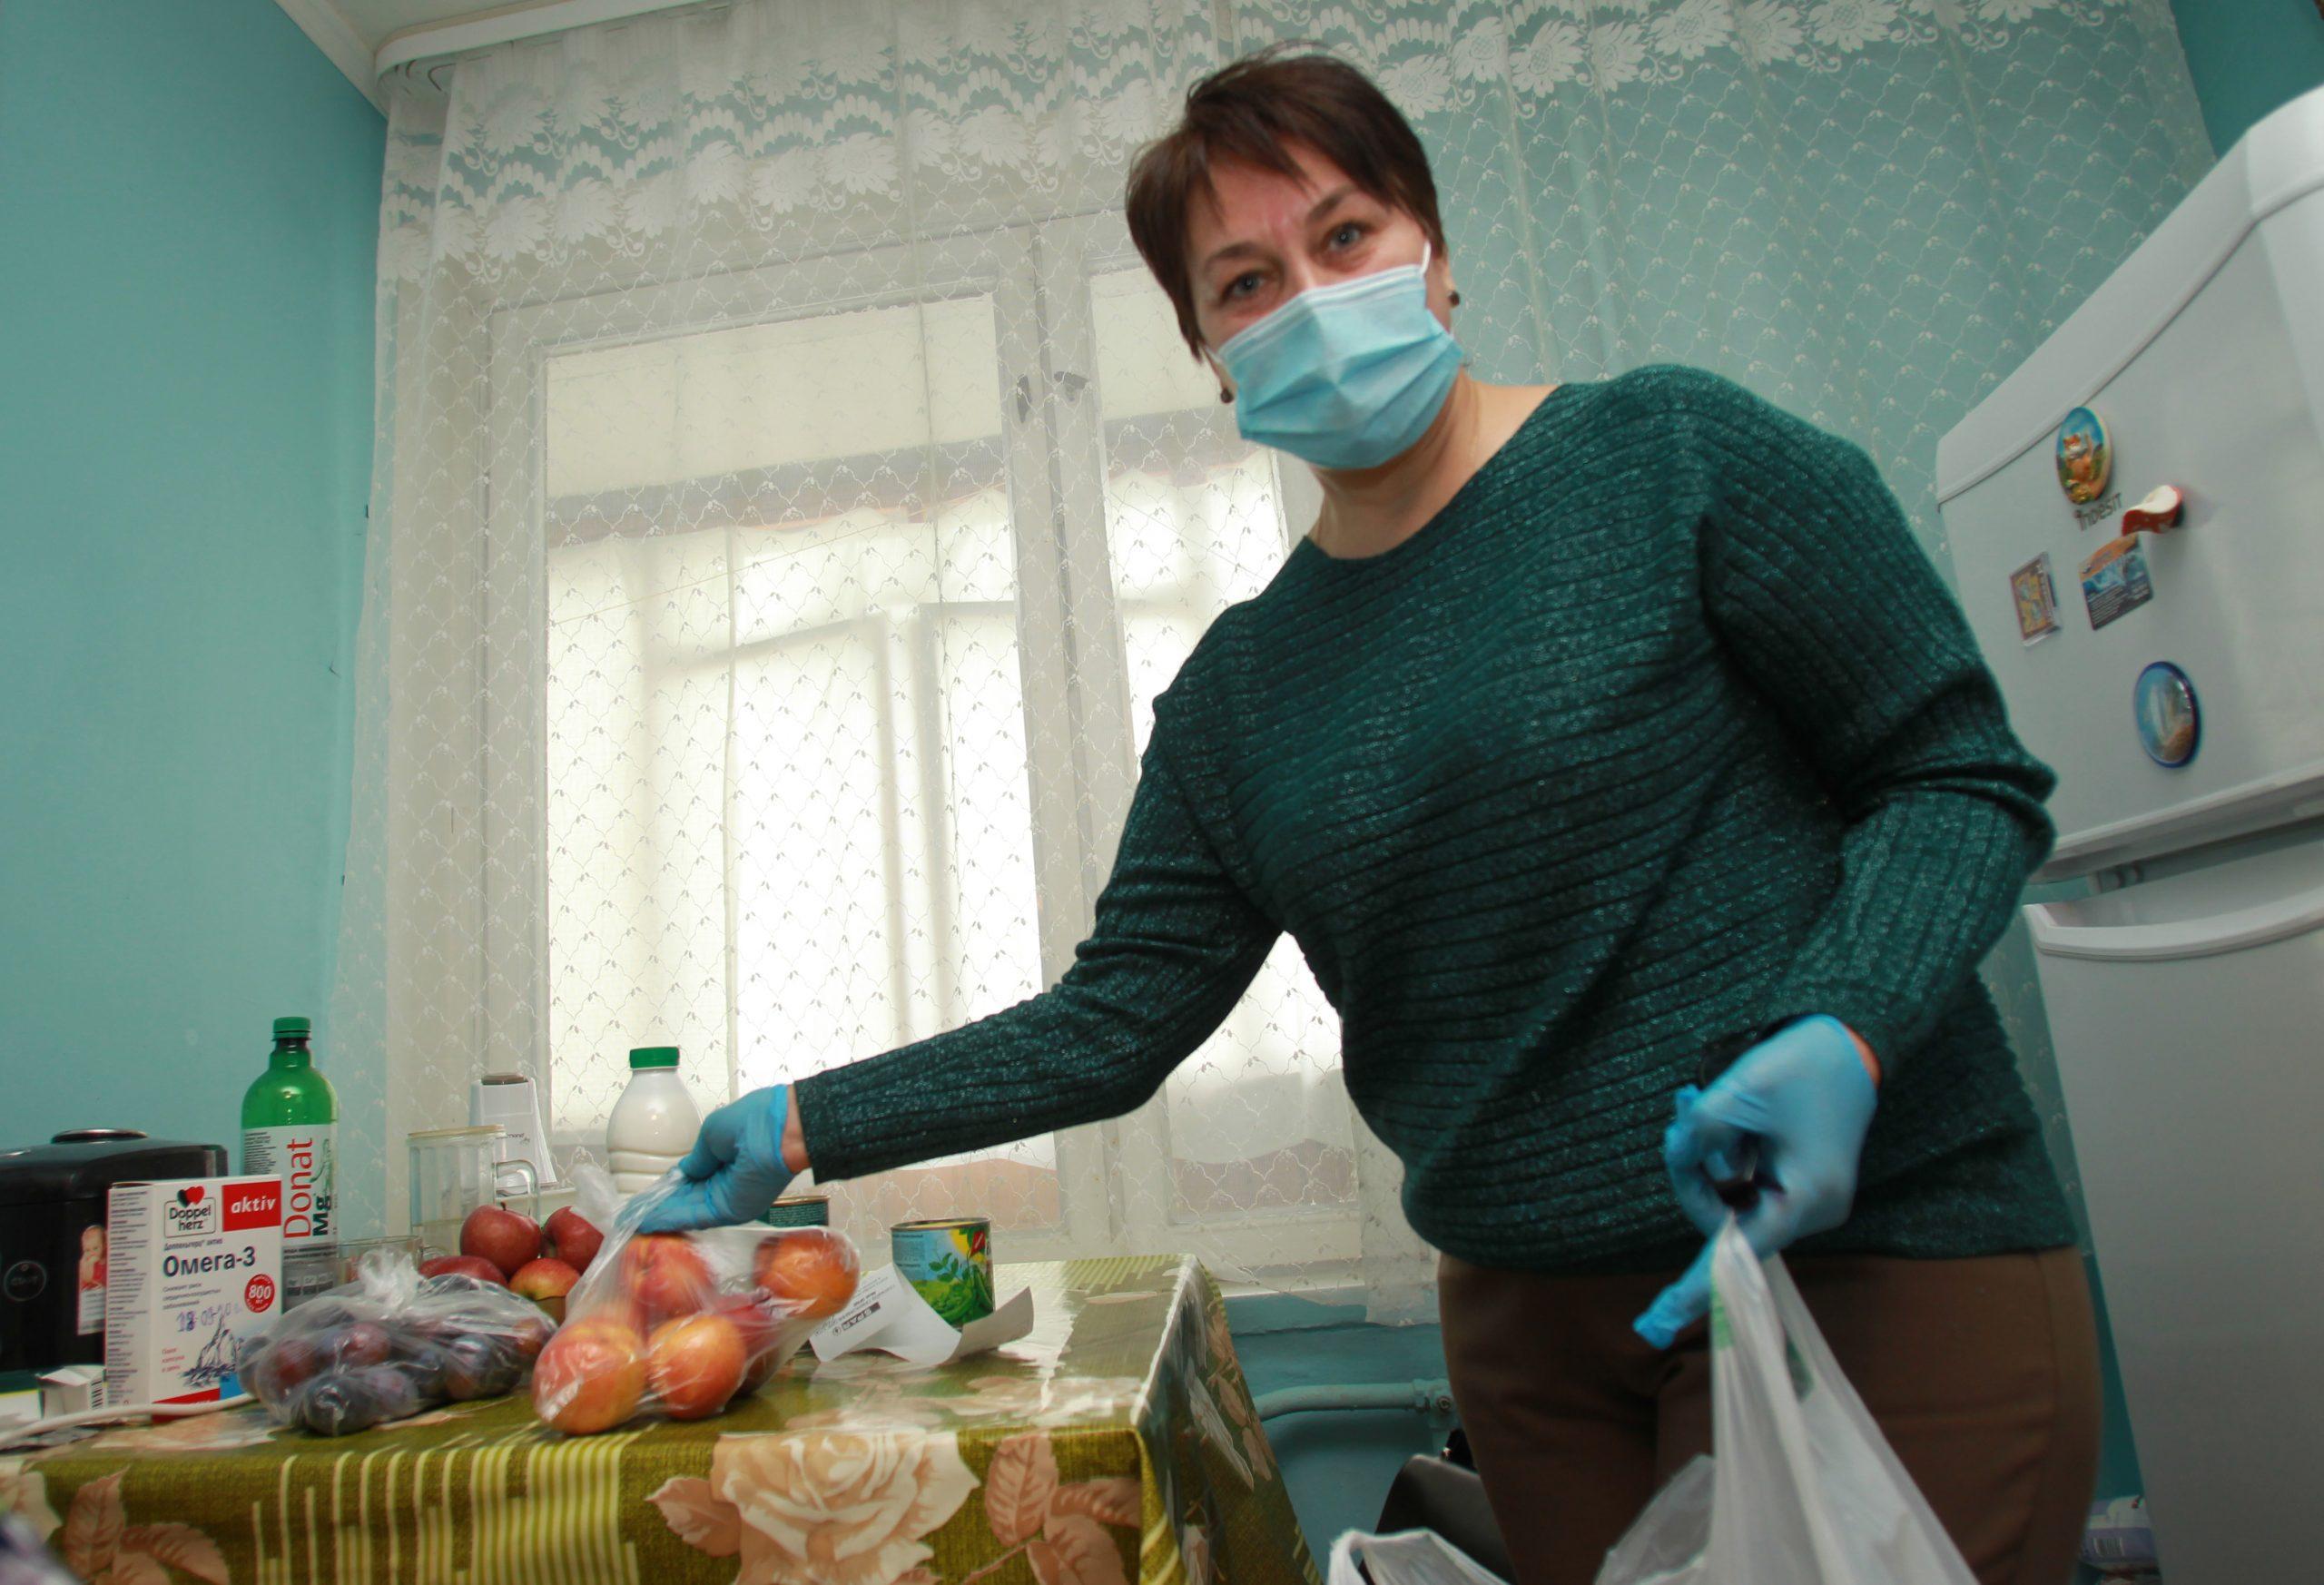 Социальные работники Москвы за год оказали 30 миллионов услуг на дому